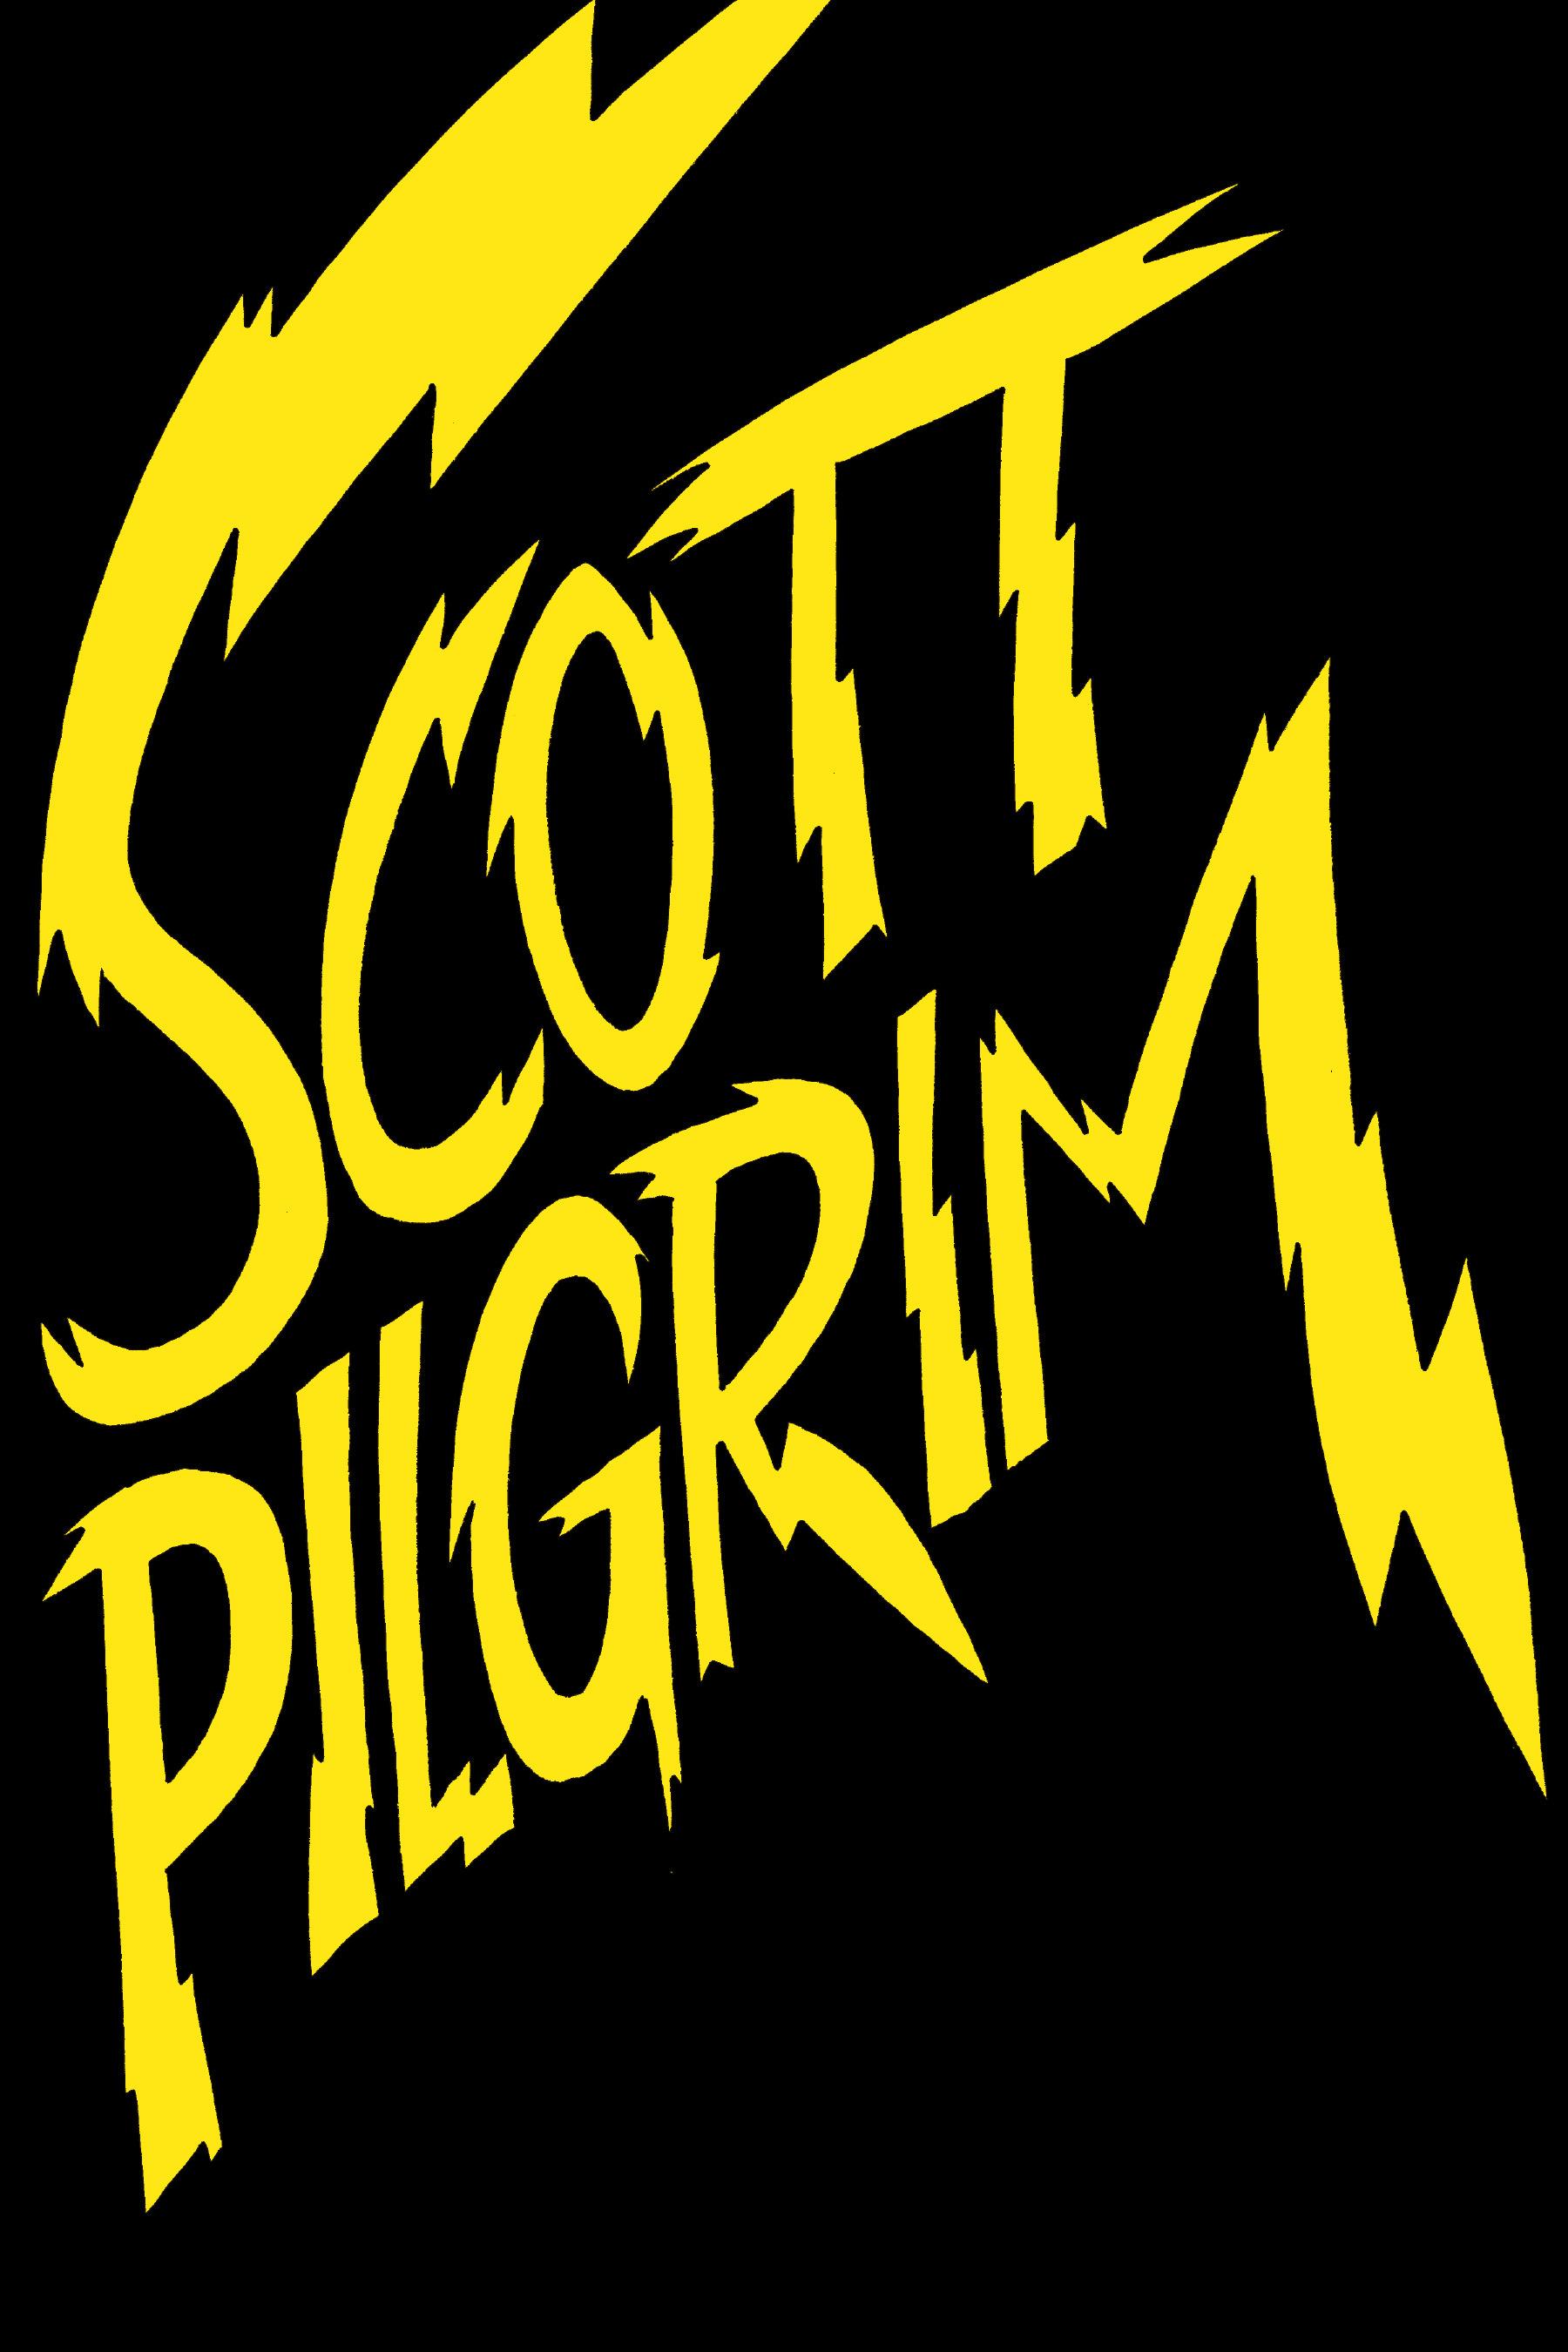 Read online Scott Pilgrim comic -  Issue #6 - 6